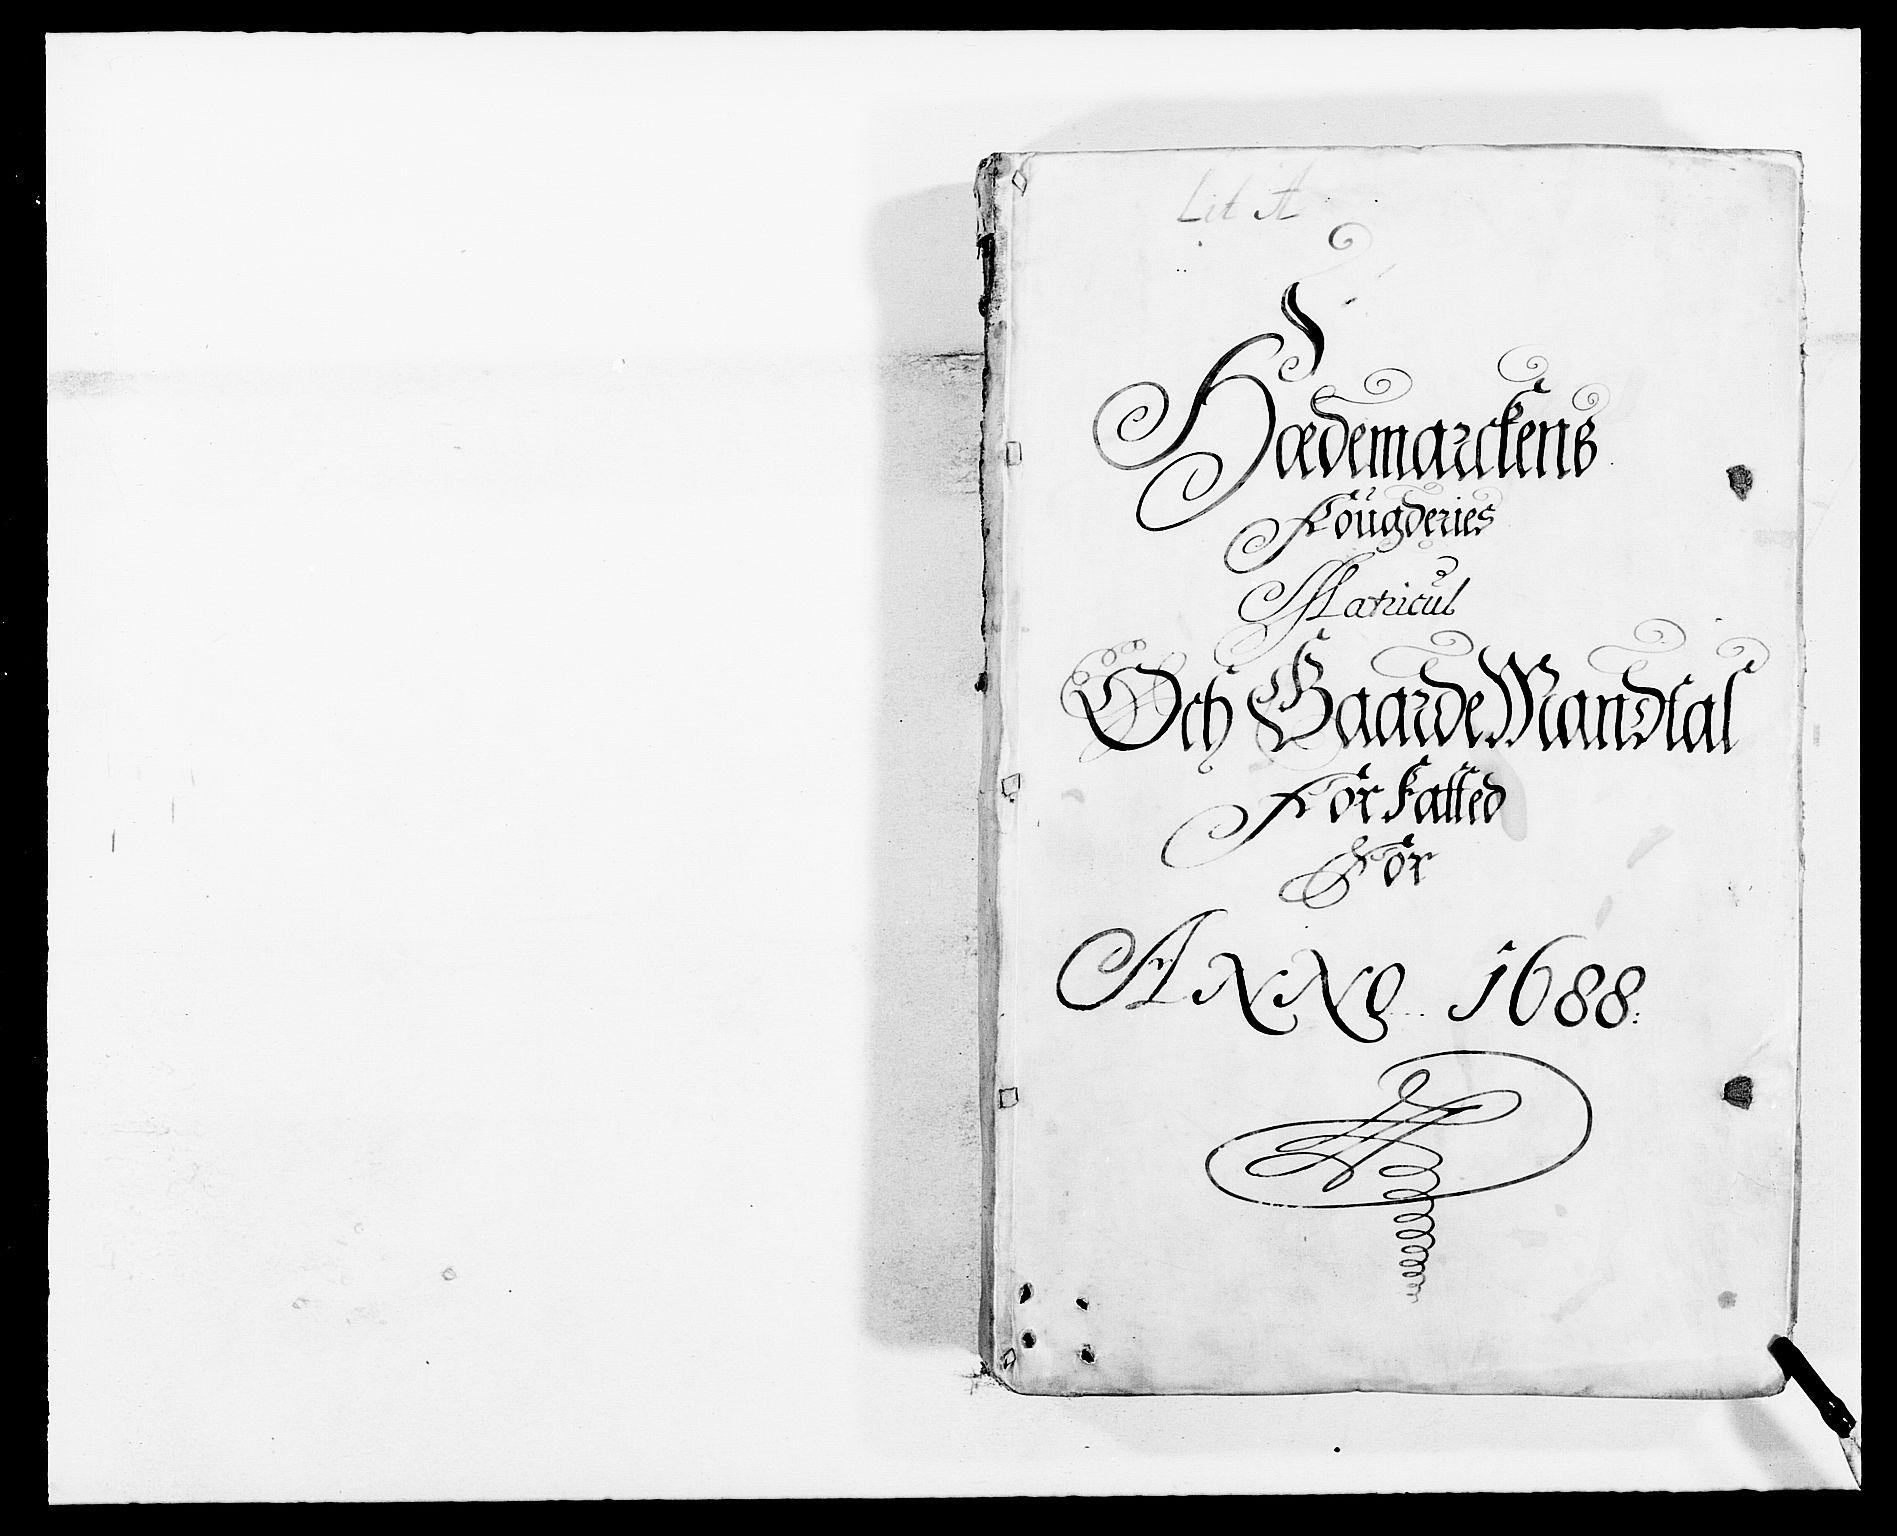 RA, Rentekammeret inntil 1814, Reviderte regnskaper, Fogderegnskap, R16/L1029: Fogderegnskap Hedmark, 1688, s. 36